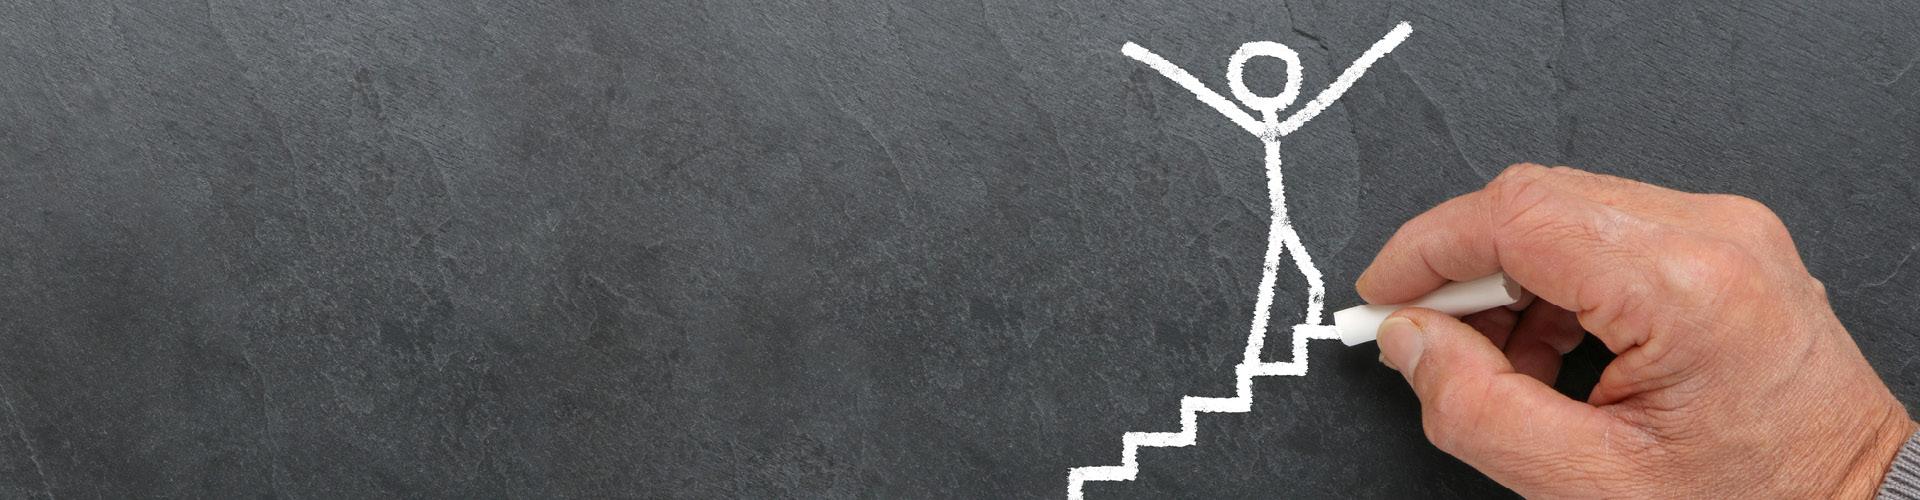 Wie laufen Beförderungen in einem Startup ab? Wie funktioniert das im Home-Office, und was wird sich durch hybride Arbeitsmodelle ändern? – Das F.A.Z.-Personaljournal hat Antworten auf diese Fragen.